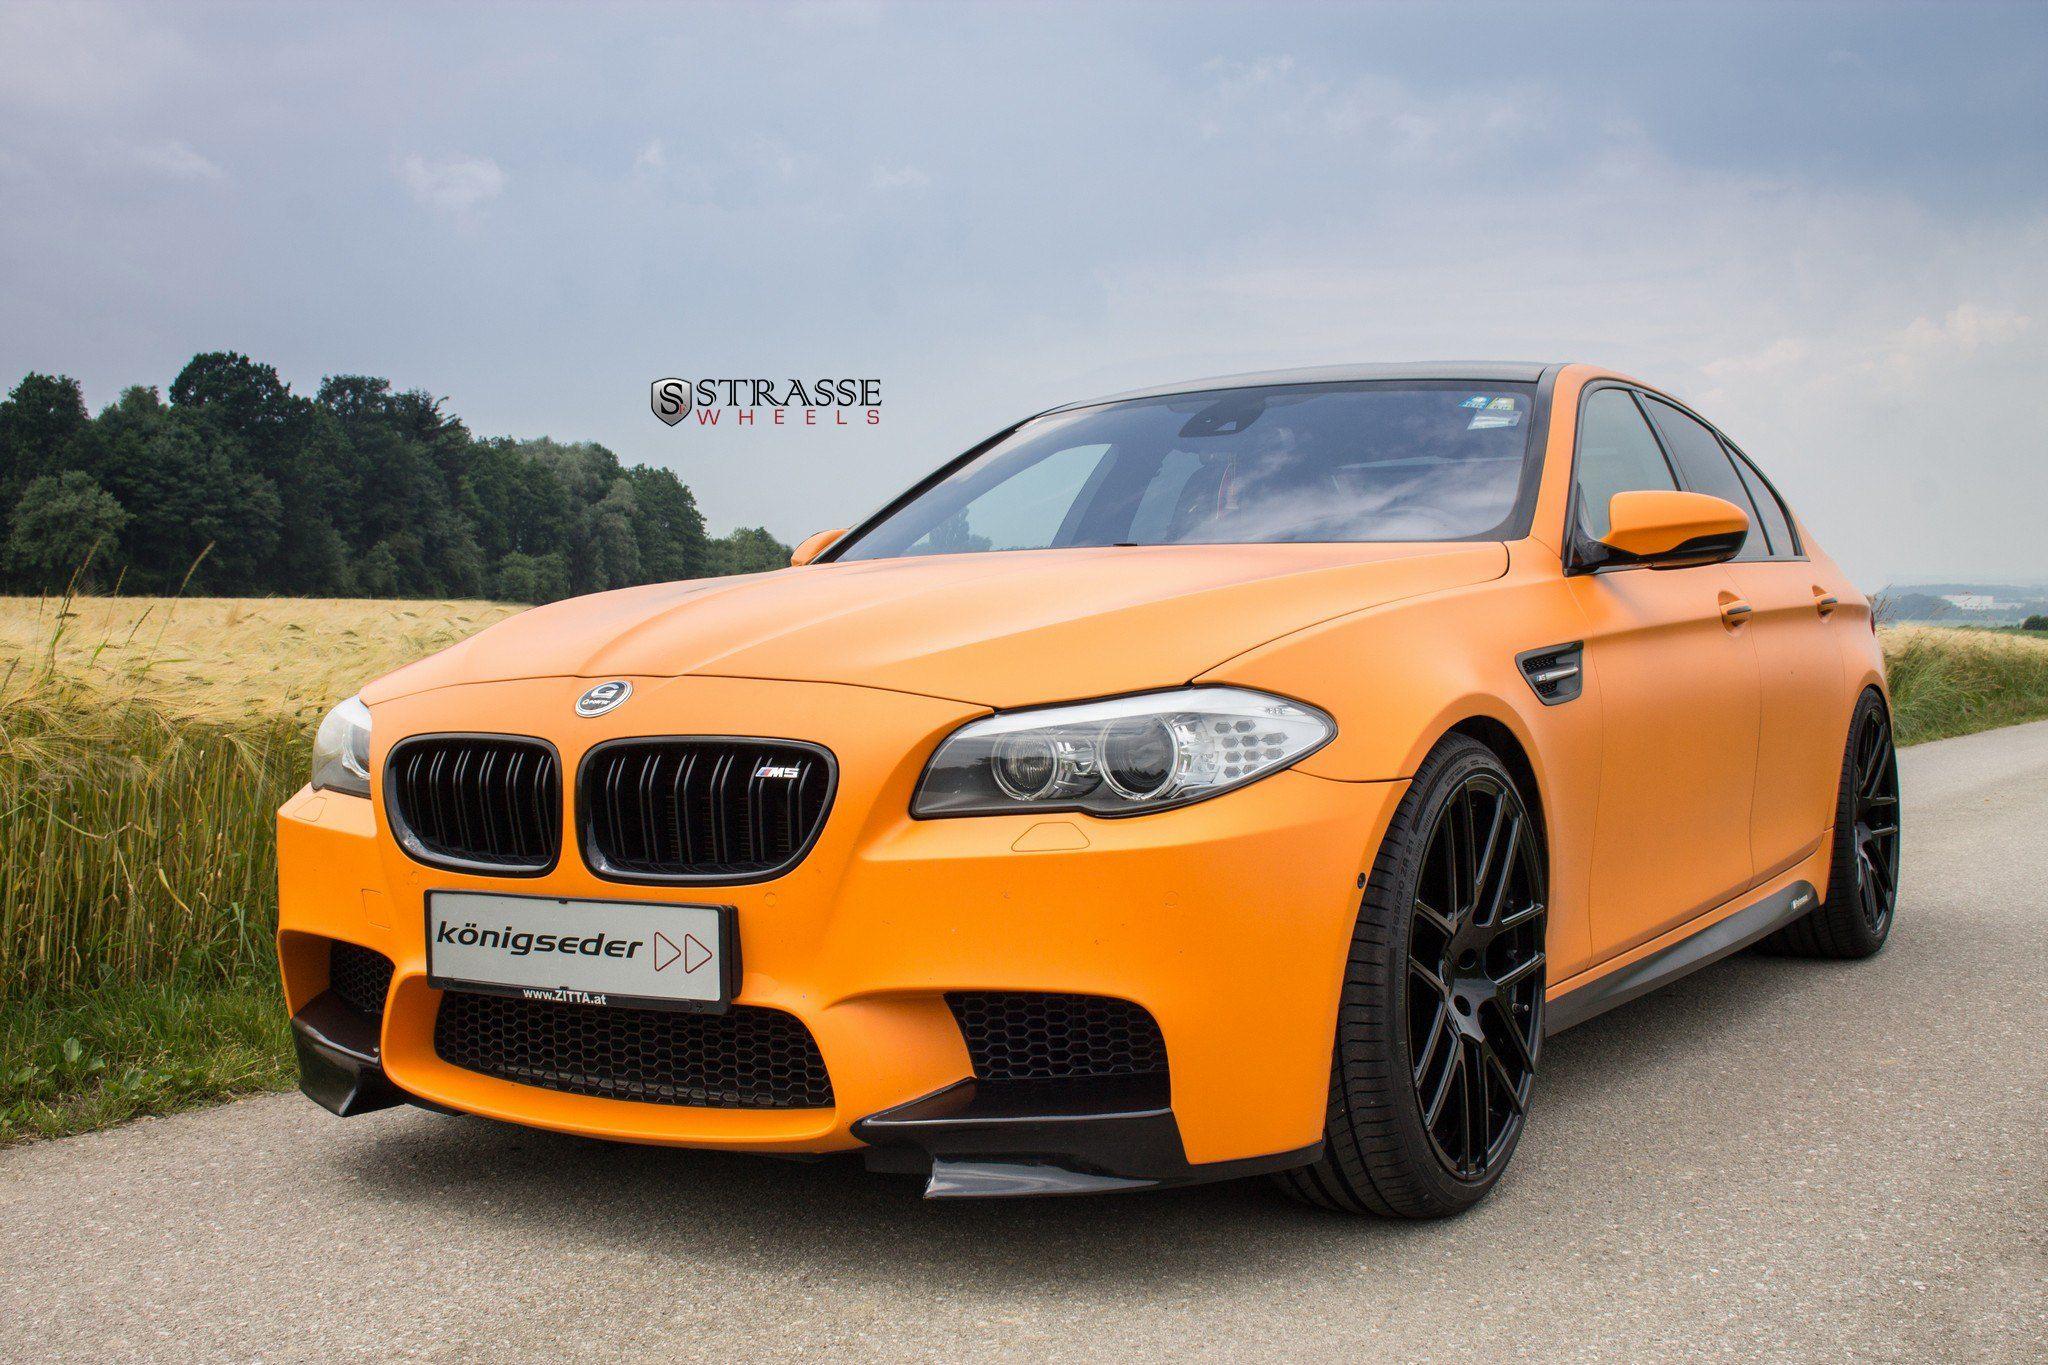 Neckbreaking Bespoke Matte Orange Bmw 5 Series Bmw Bmw M5 F10